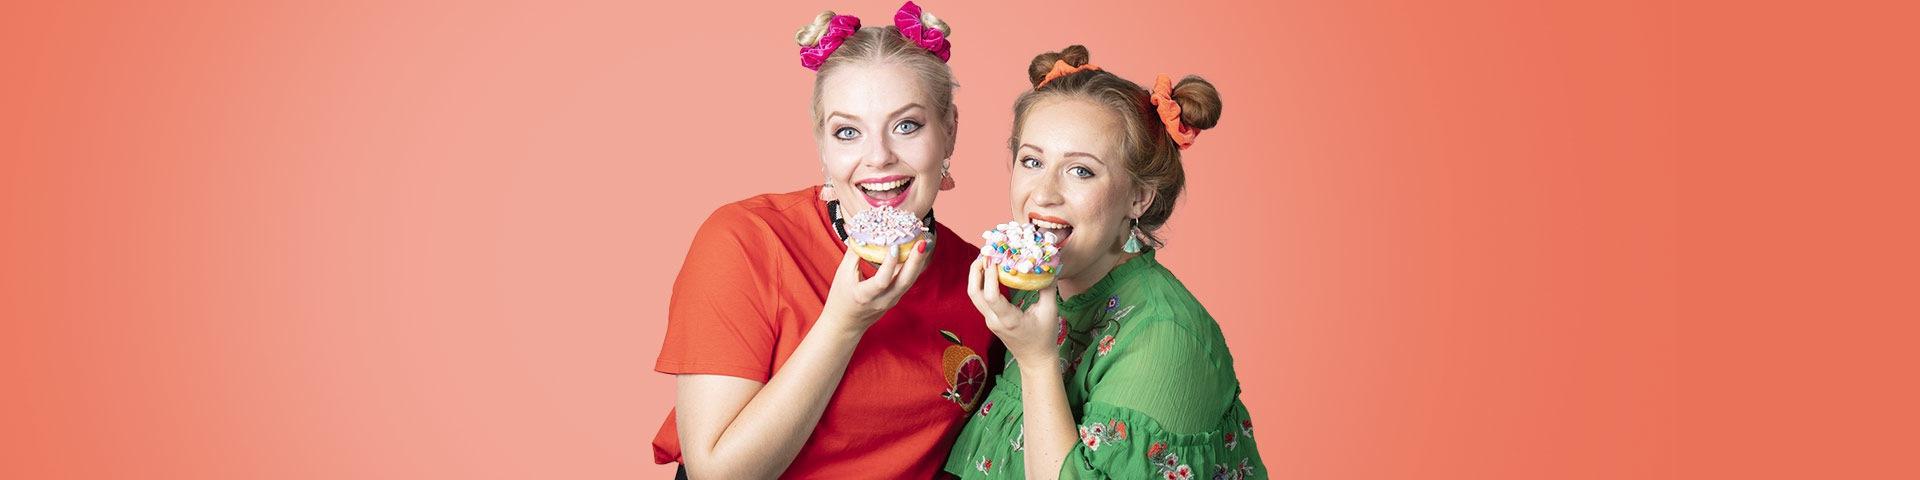 Business to business lekkernijen | Donuts + Bagels